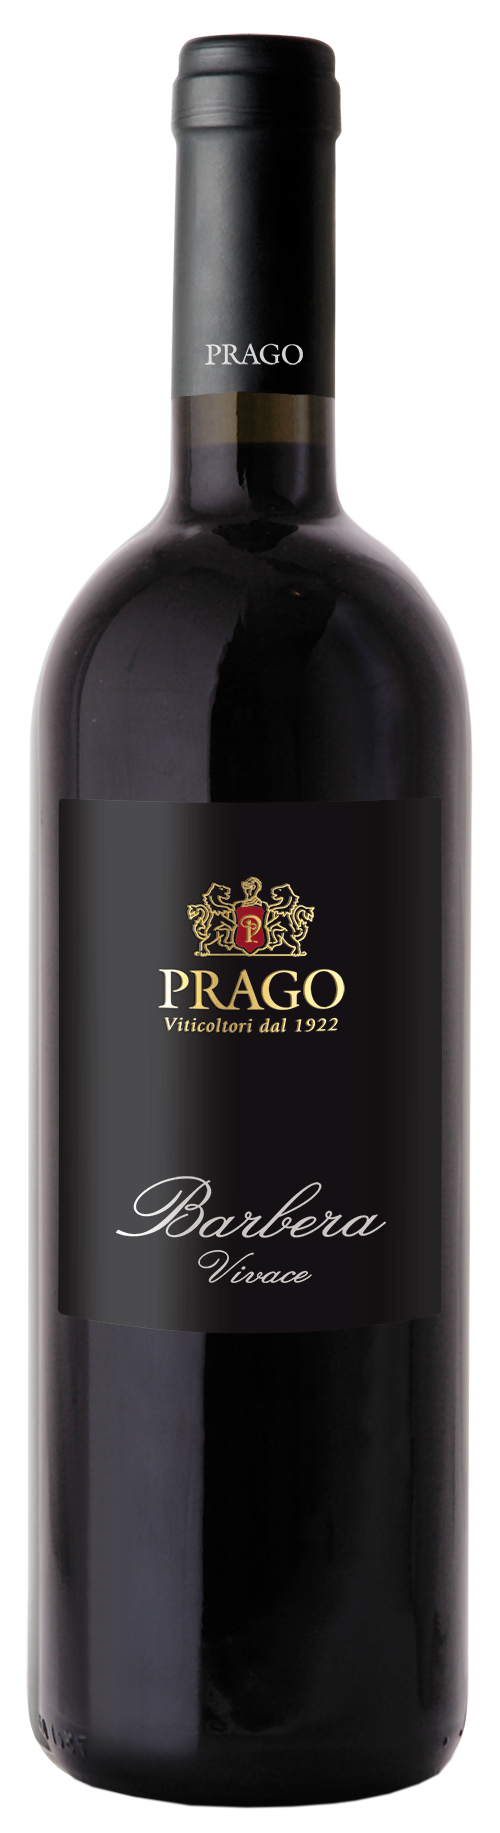 PRAGO Vini e Spumanti Oltrepò Pavese - Vini Vivaci - Barbera